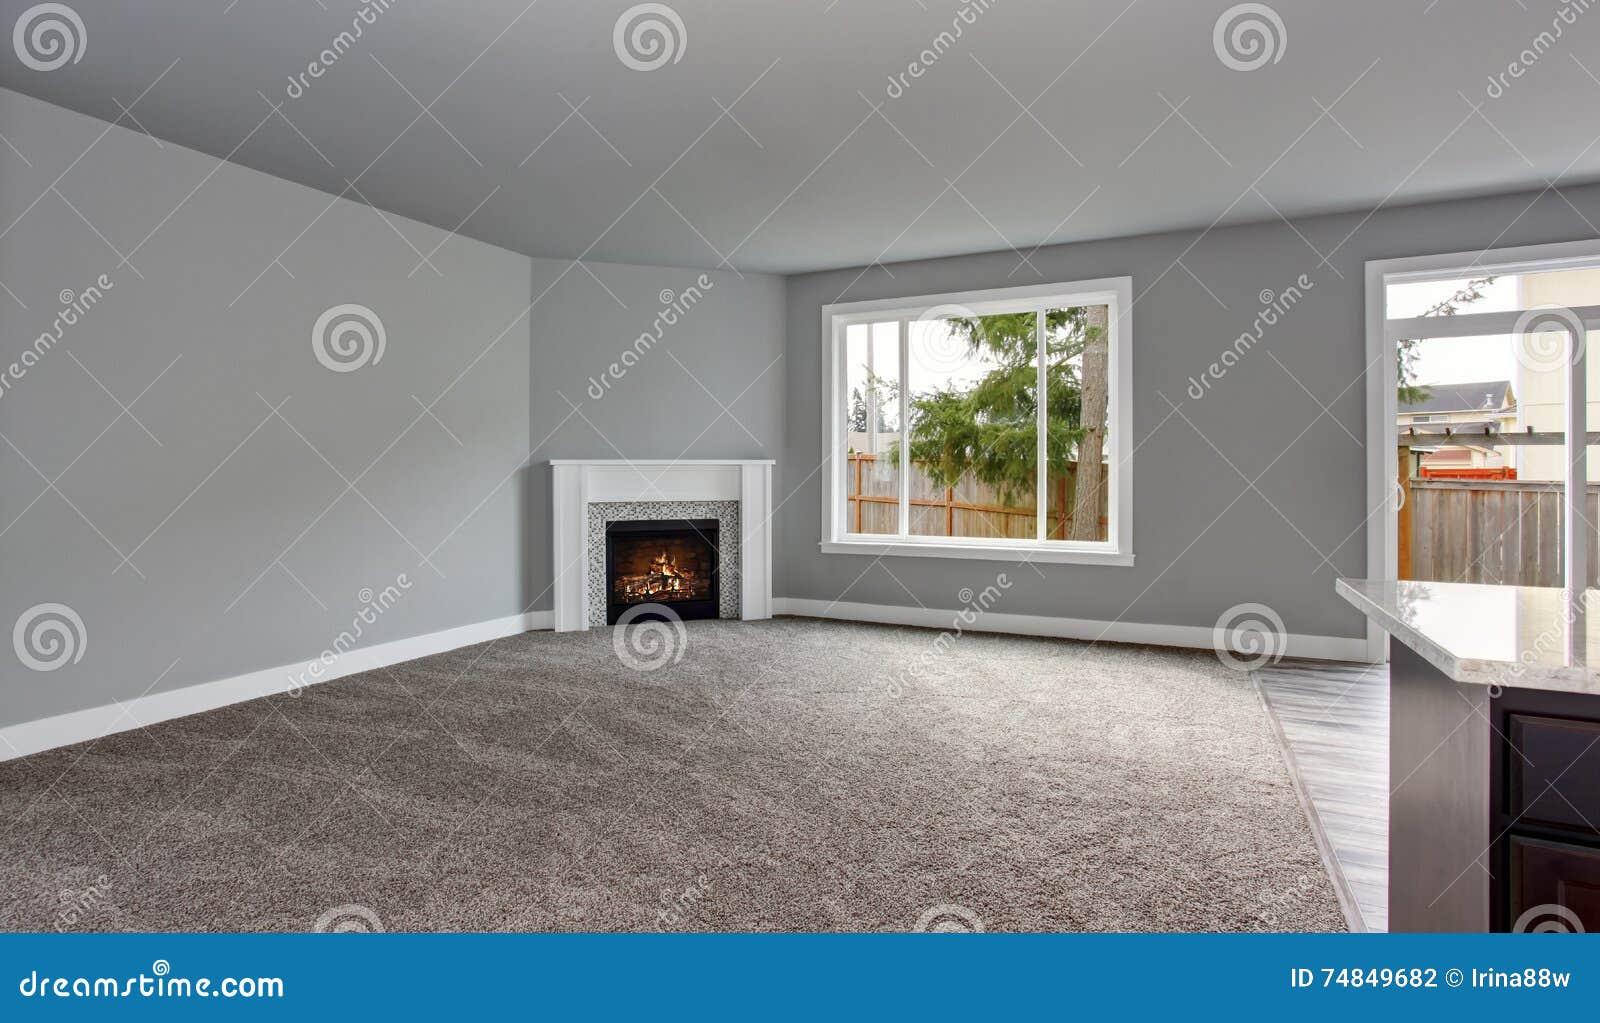 Grauer Hausinnenraum Des Wohnzimmers Mit Firwplace Und Teppichboden ...